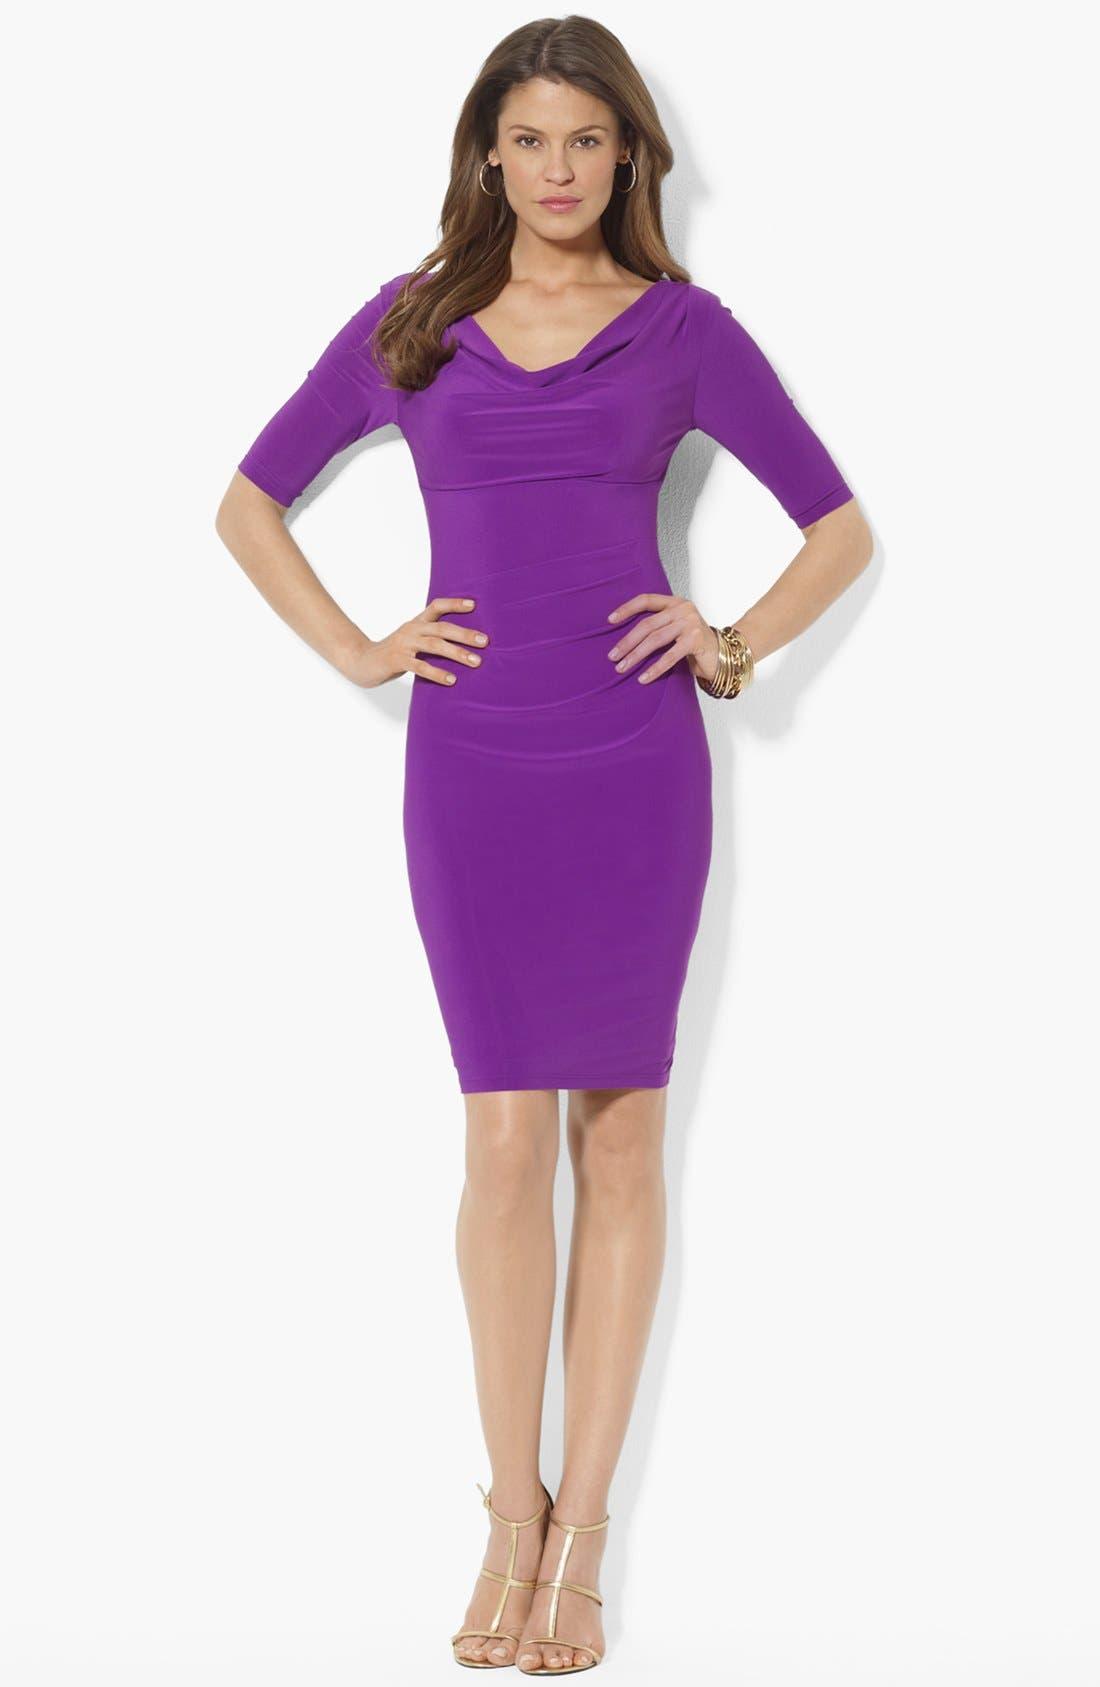 Alternate Image 1 Selected - Lauren Ralph Lauren Cowl Neck Matte Jersey Dress (Petite)